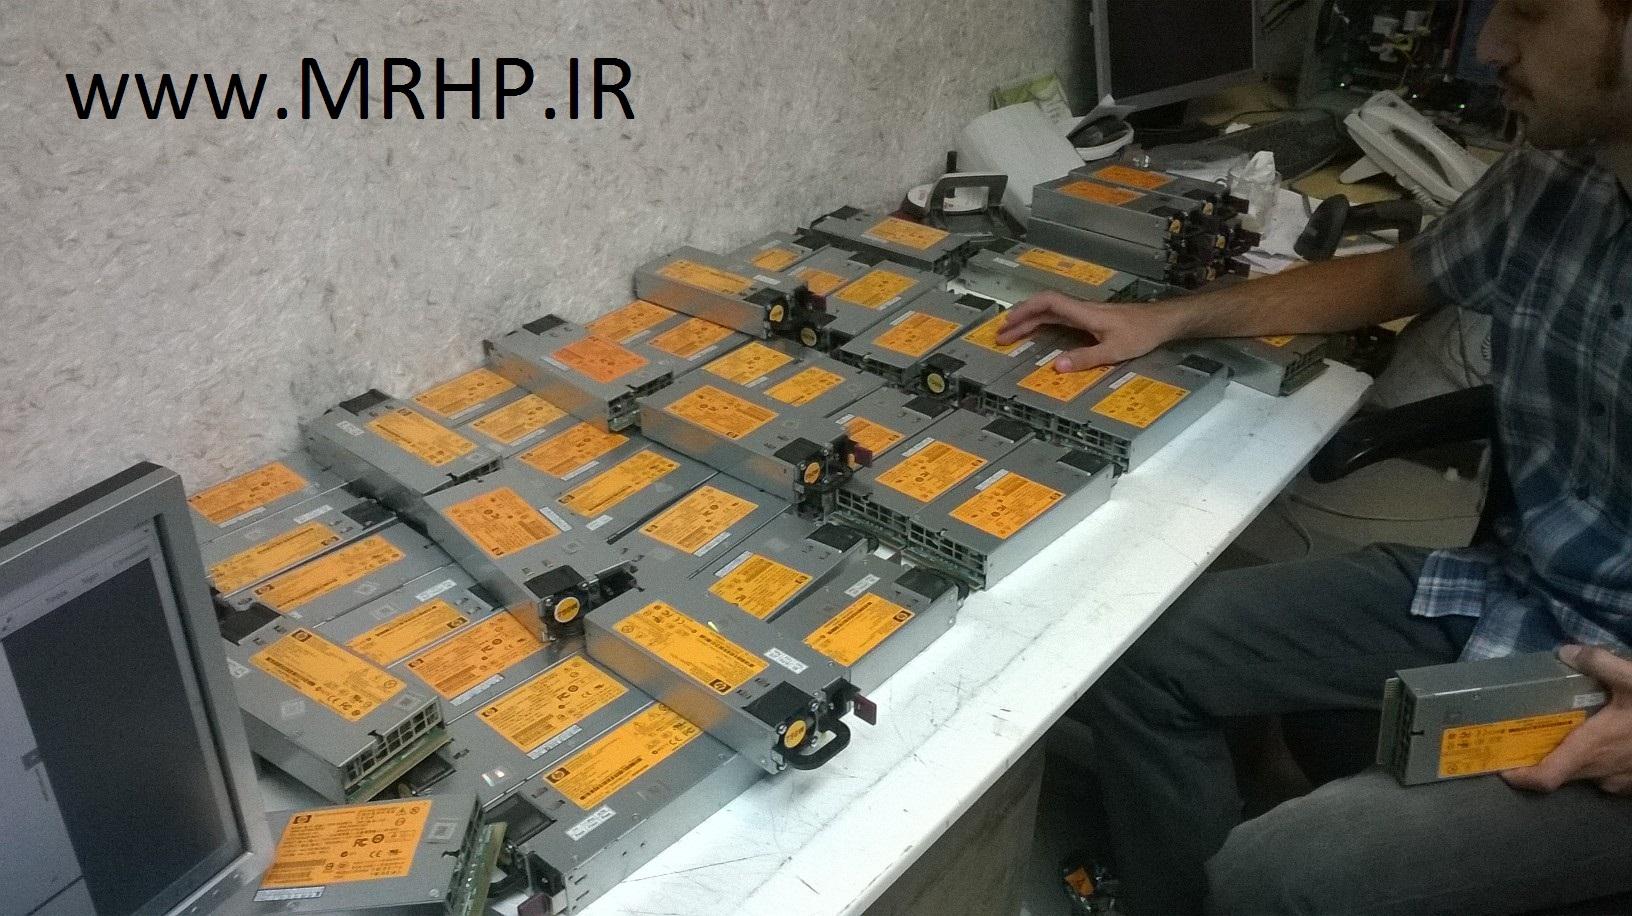 سرور اچ پی Server HP ML , 310سرور hp ml310, فروش و مشاوره سرور hp ml310e g8 , سرورهای hp